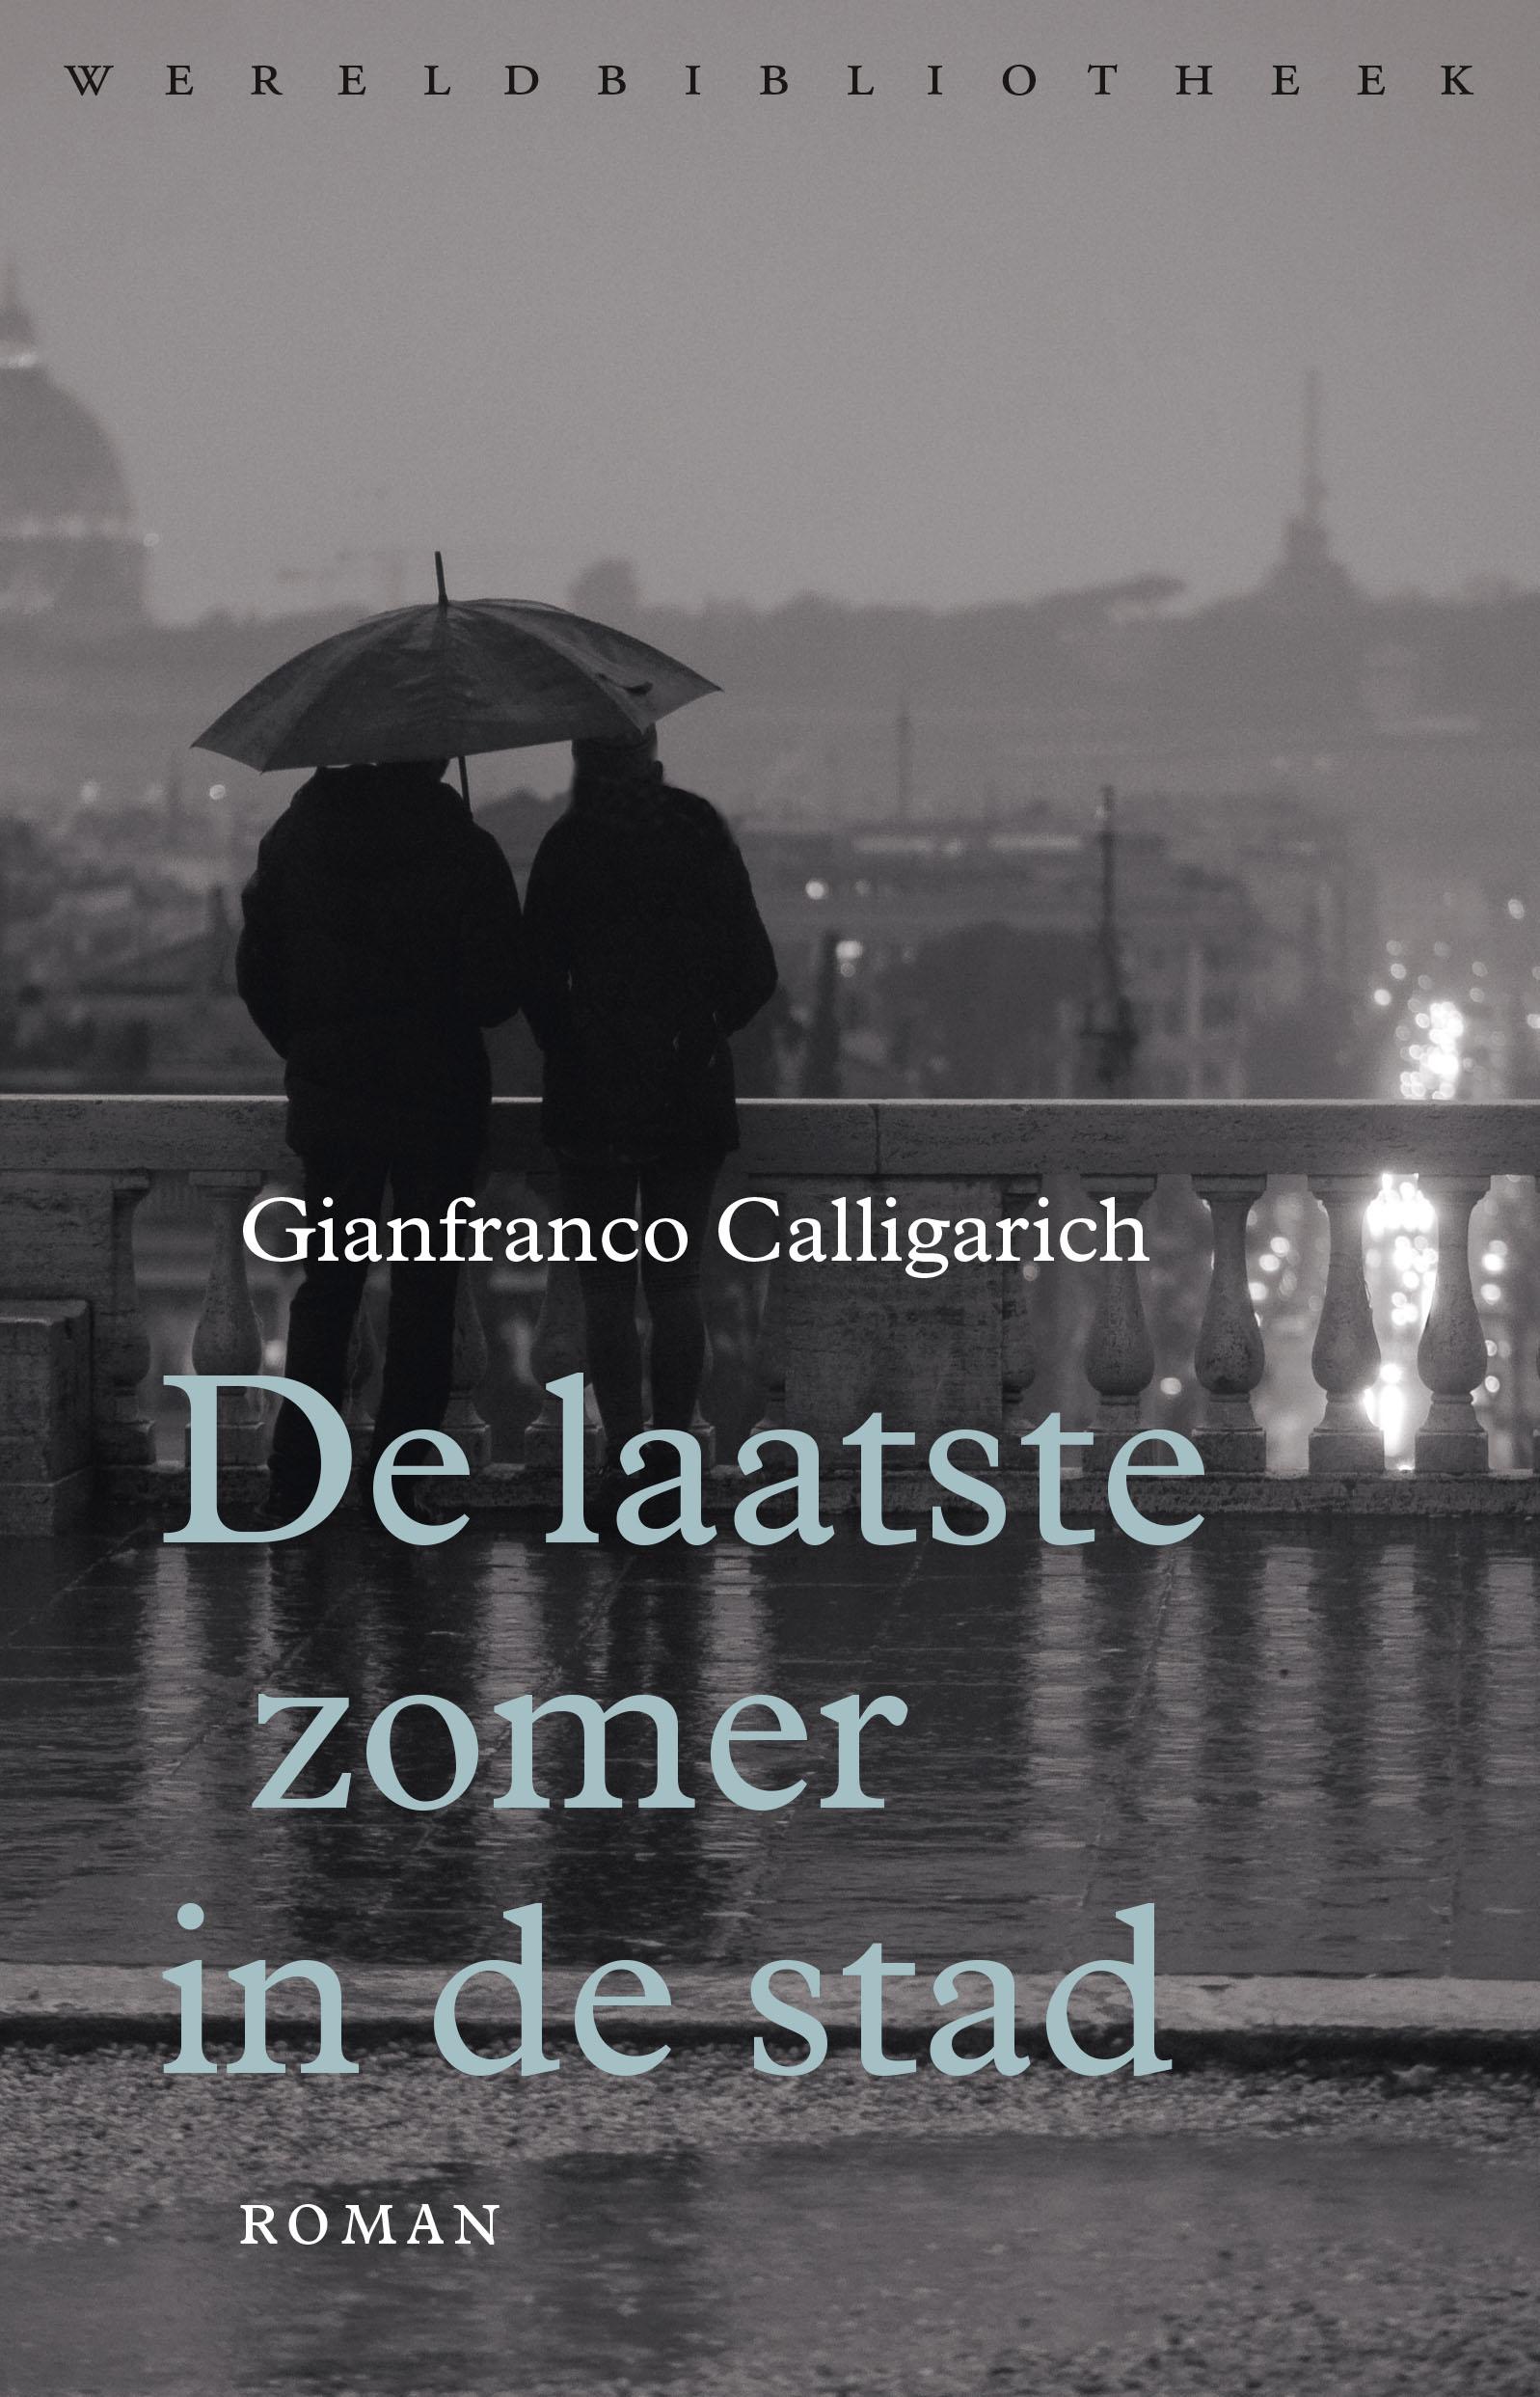 De laatste zomer in de stad - boekenflits.nl